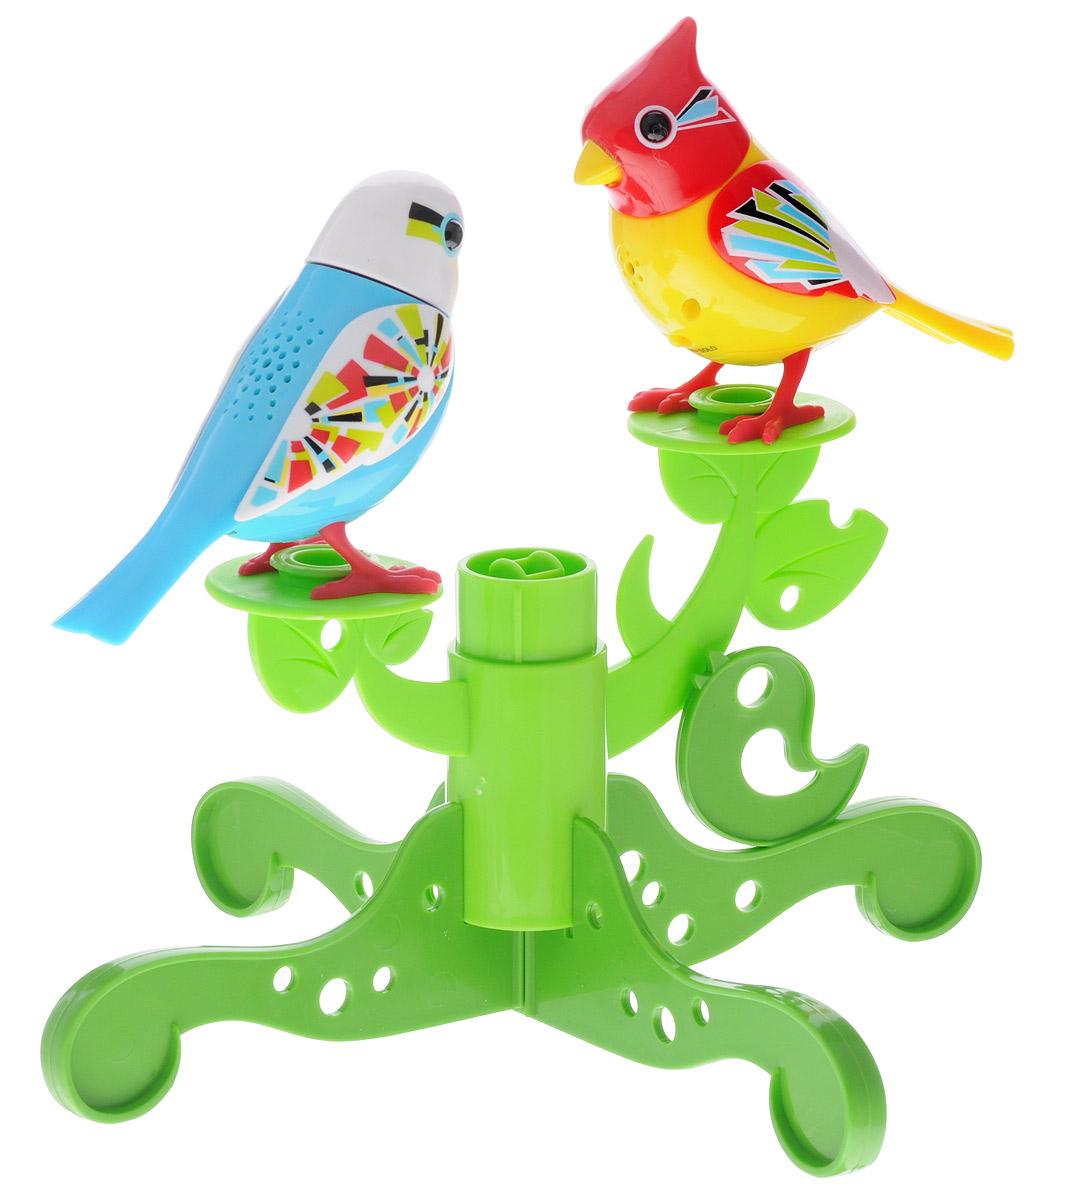 DigiFriends Интерактивная игрушка Две птички с деревом цвет голубой желтый88237SДве поющие птички на подставке-дереве подарят ребенку множество незабываемых игр. Птички умеют петь как соло, так и в хоре - вместе с другими птичками и игрушками Digifriends. Дерево состоит из отдельных элементов-веток, которые ребенок может перестраивать по своему вкусу. Чтобы активировать у птичек режим проигрывания мелодий и птичьего щебета, достаточно посвистеть в свисток, имеющийся в комплекте. Кольцо-свисток может быть использовано в качестве насеста-переноски. Каждая игрушка издает 55 вариантов мелодий и звуков. Головы птичек двигаются в такт мелодиям, а клювики - открываются. Игрушки могут спеть вместе со всеми персонажами Digifriends в режиме хор. Птичка, которую активировали первой, становится солистом. Управлять пением пернатой звезды или целым хором - исключительно увлекательное занятие, которое надолго привлечёт внимание любого ребёнка. Птичка может стать персонажами сюжетно-ролевой игры, которая способствует не только умственному развитию ребенка,...